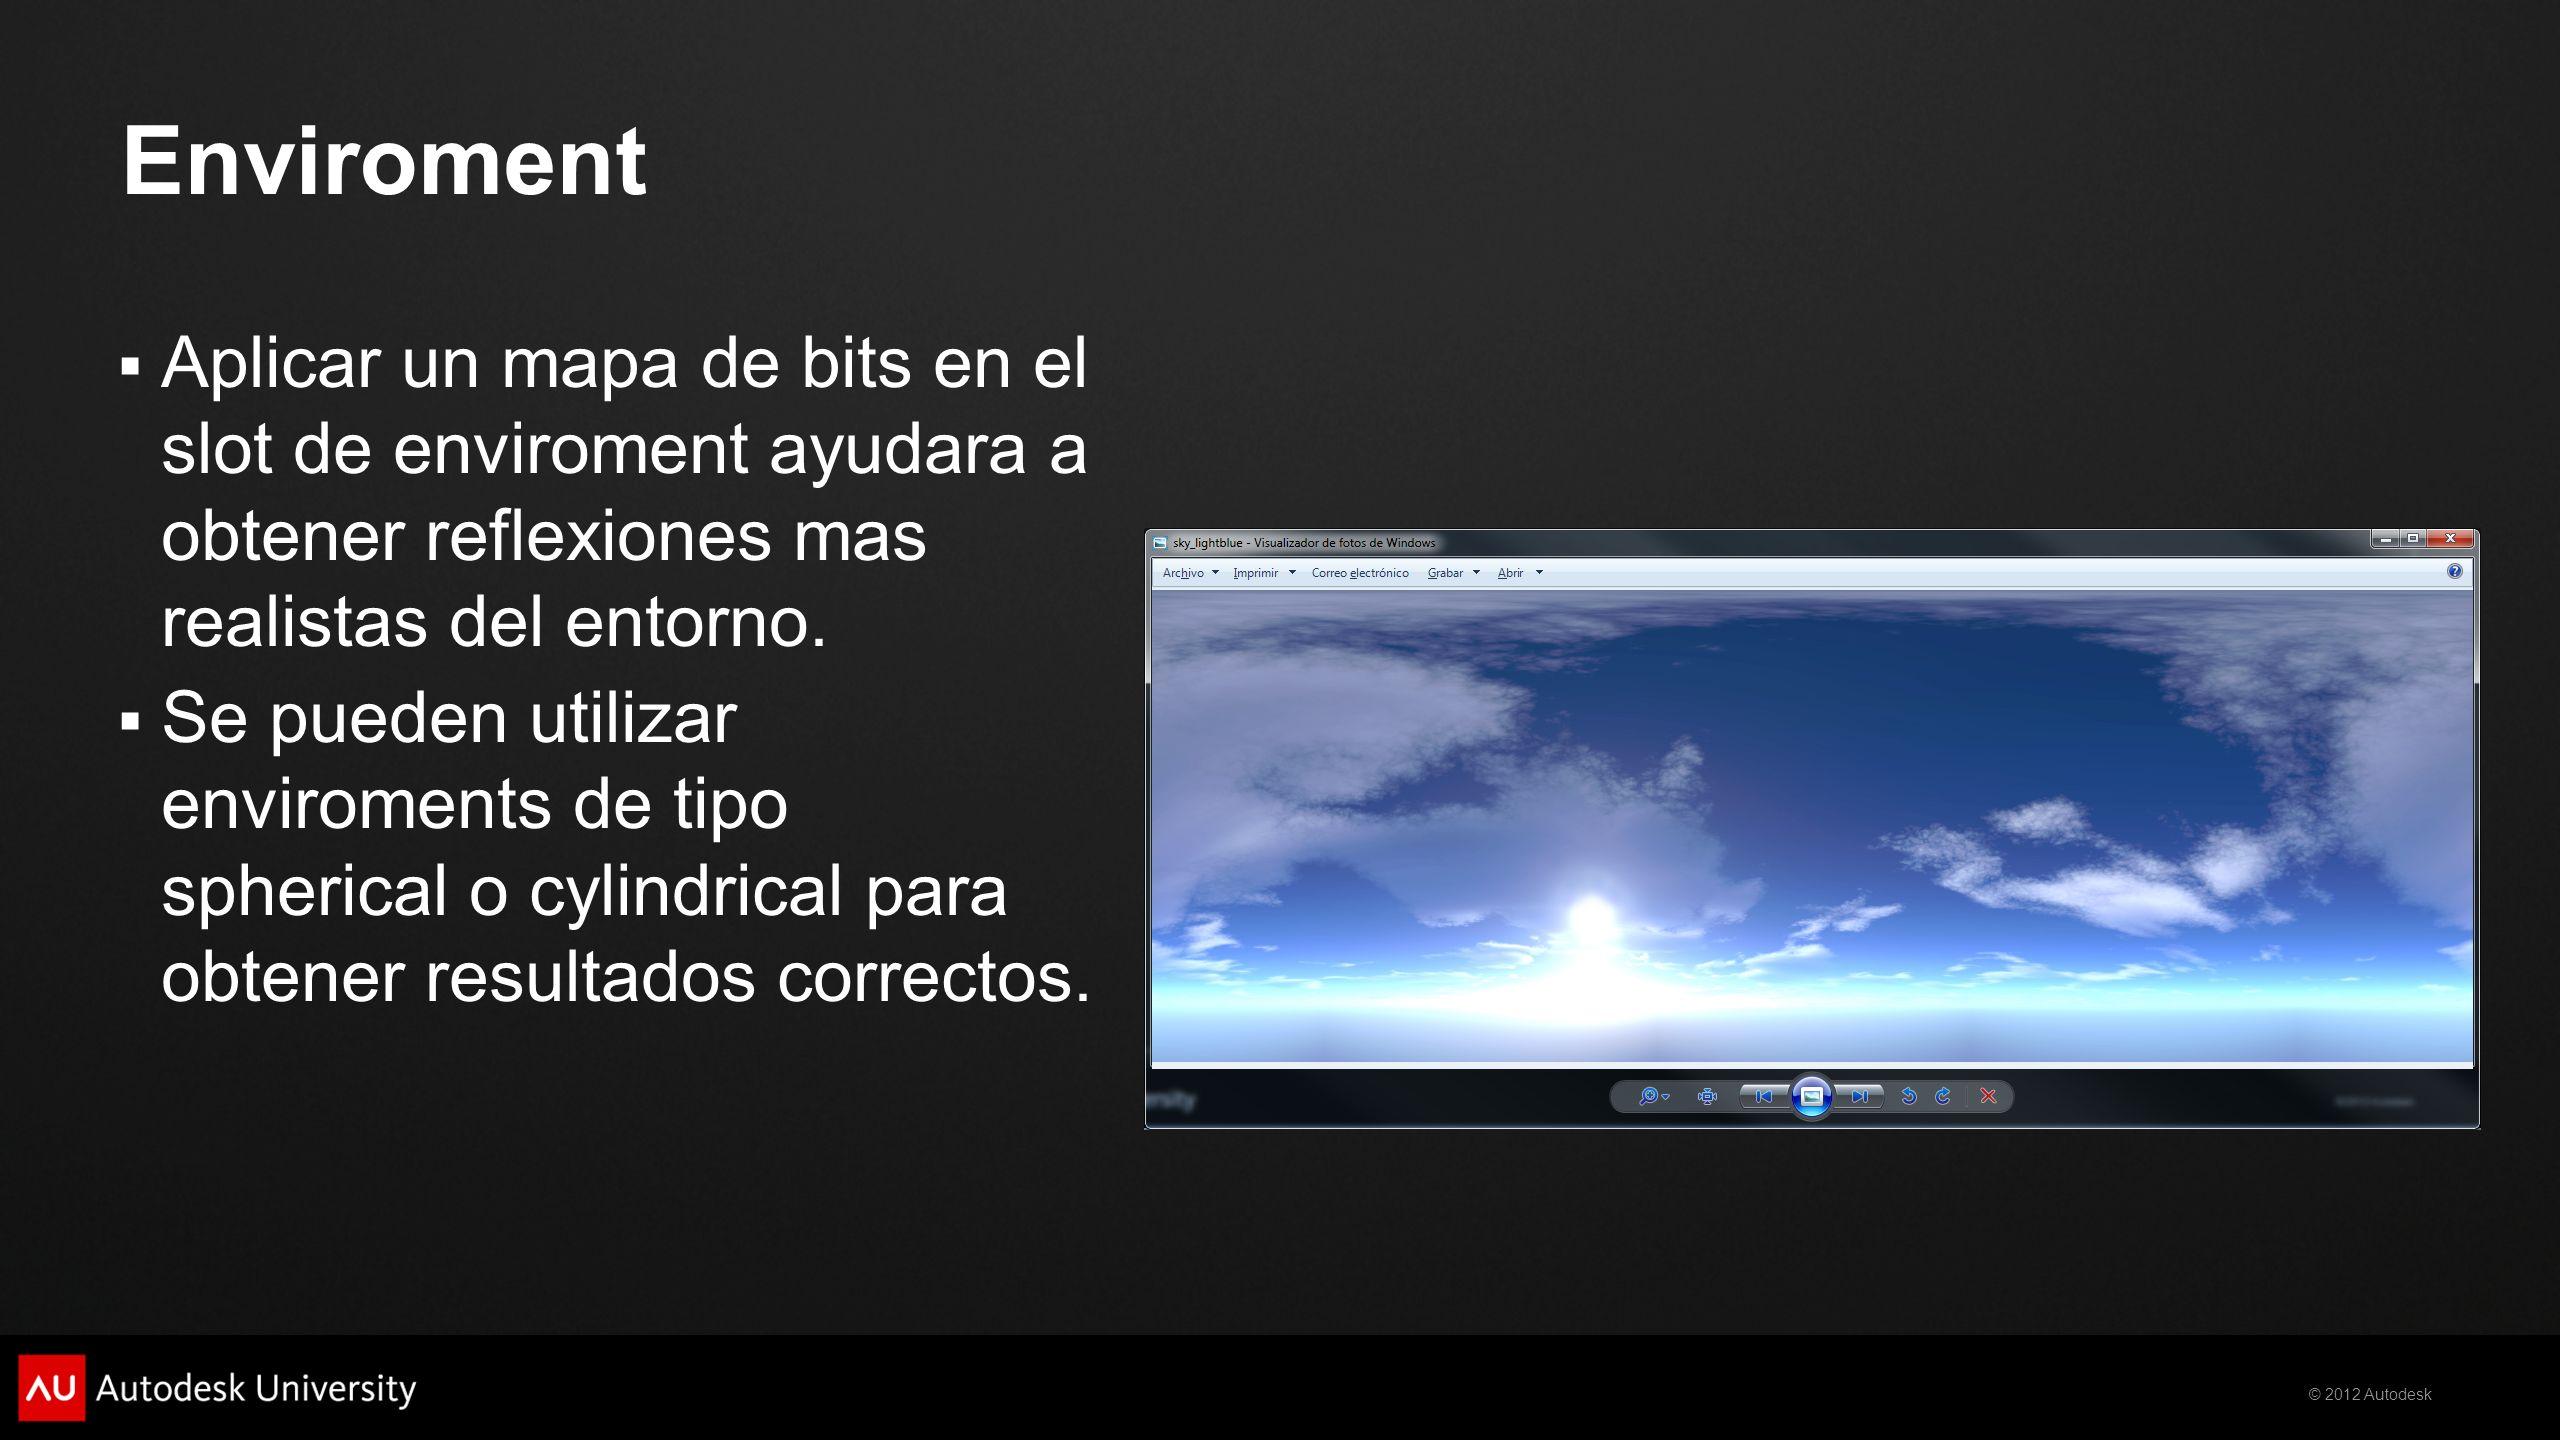 © 2012 Autodesk Enviroment Aplicar un mapa de bits en el slot de enviroment ayudara a obtener reflexiones mas realistas del entorno. Se pueden utiliza